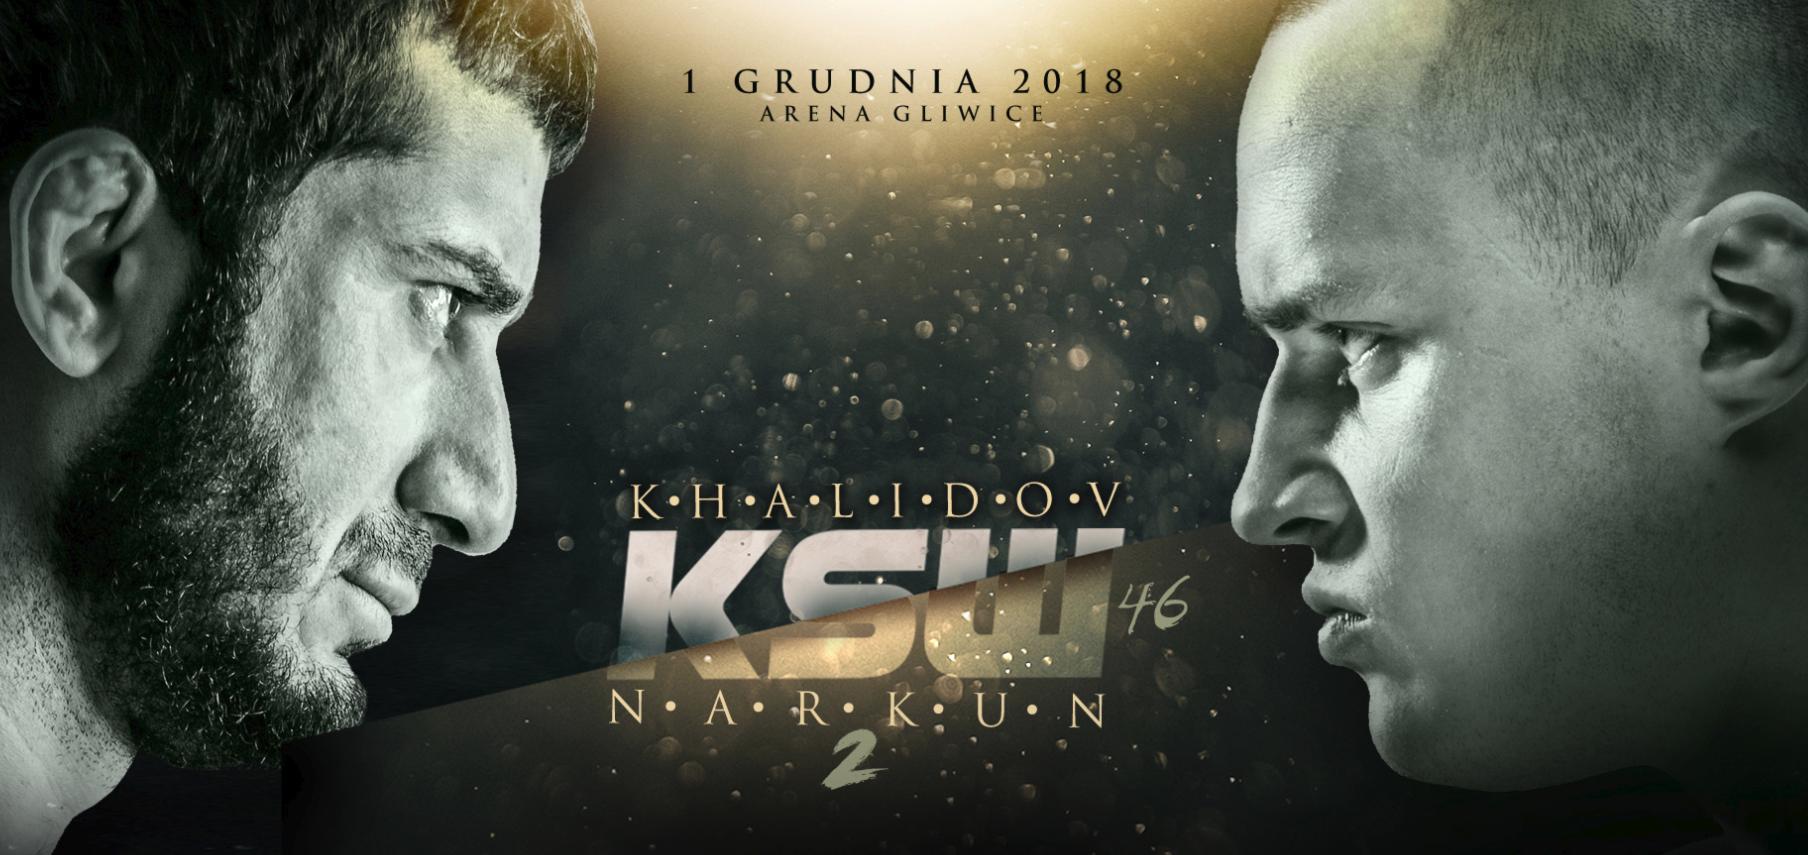 KSW 46: Gala w Gliwicach na początku stycznia